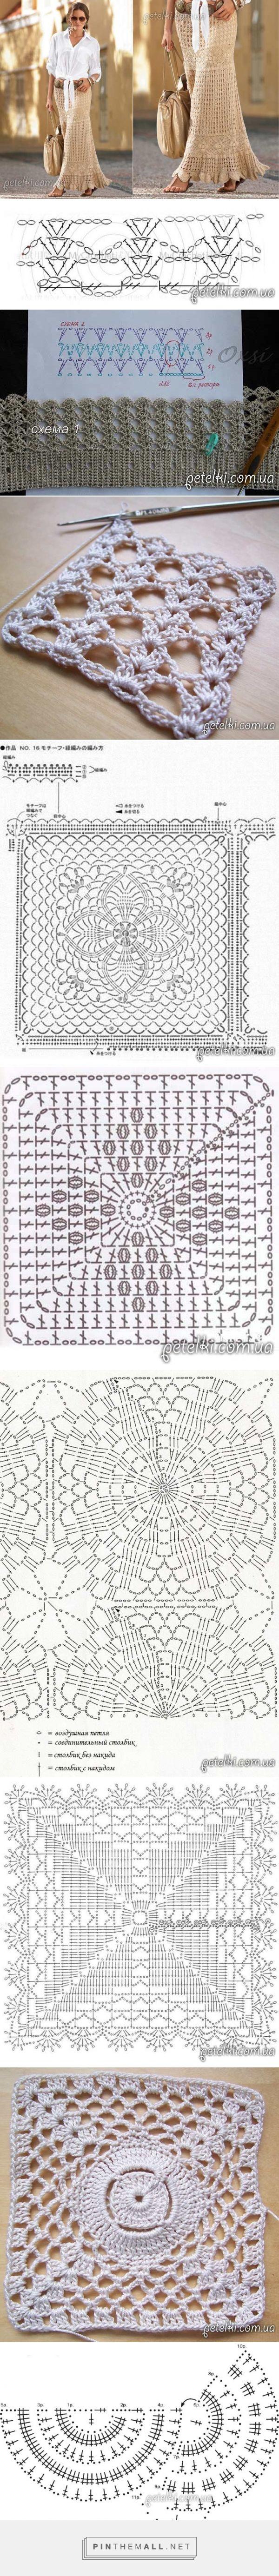 http://petelki.com.ua/schemes_knitted_skirt/819-maksi-yubka-kryuchkom-iz-kataloga-boston-proper-shemy-vyazaniya.html crochet skirt